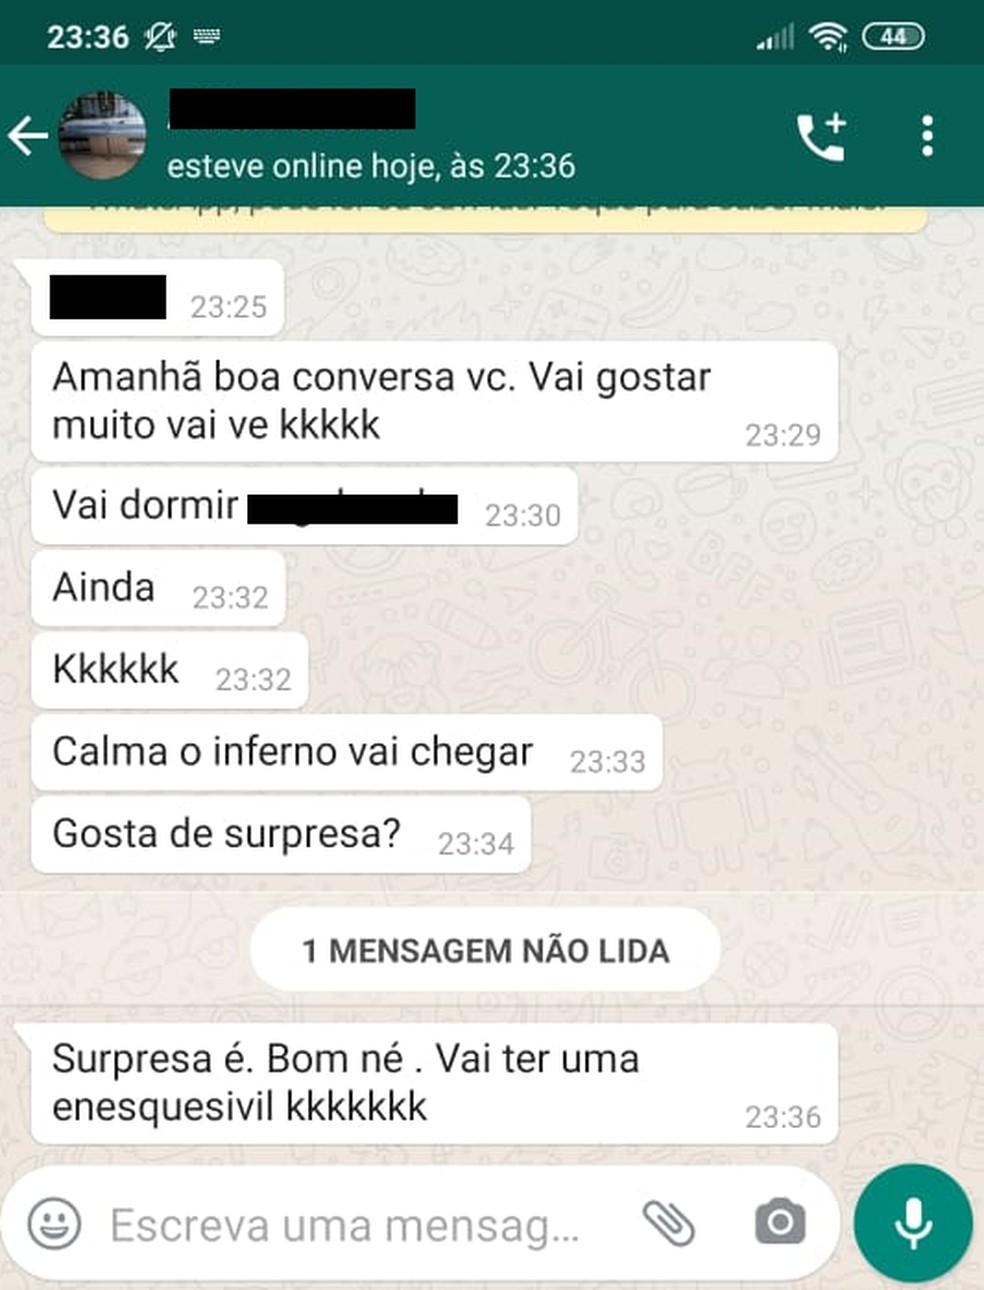 Suspeito de feminicídio enviou mensagens para a vítima minutos antes de cometer o crime em Jaraguá do Sul (SC) — Foto: Arquivo Pessoal